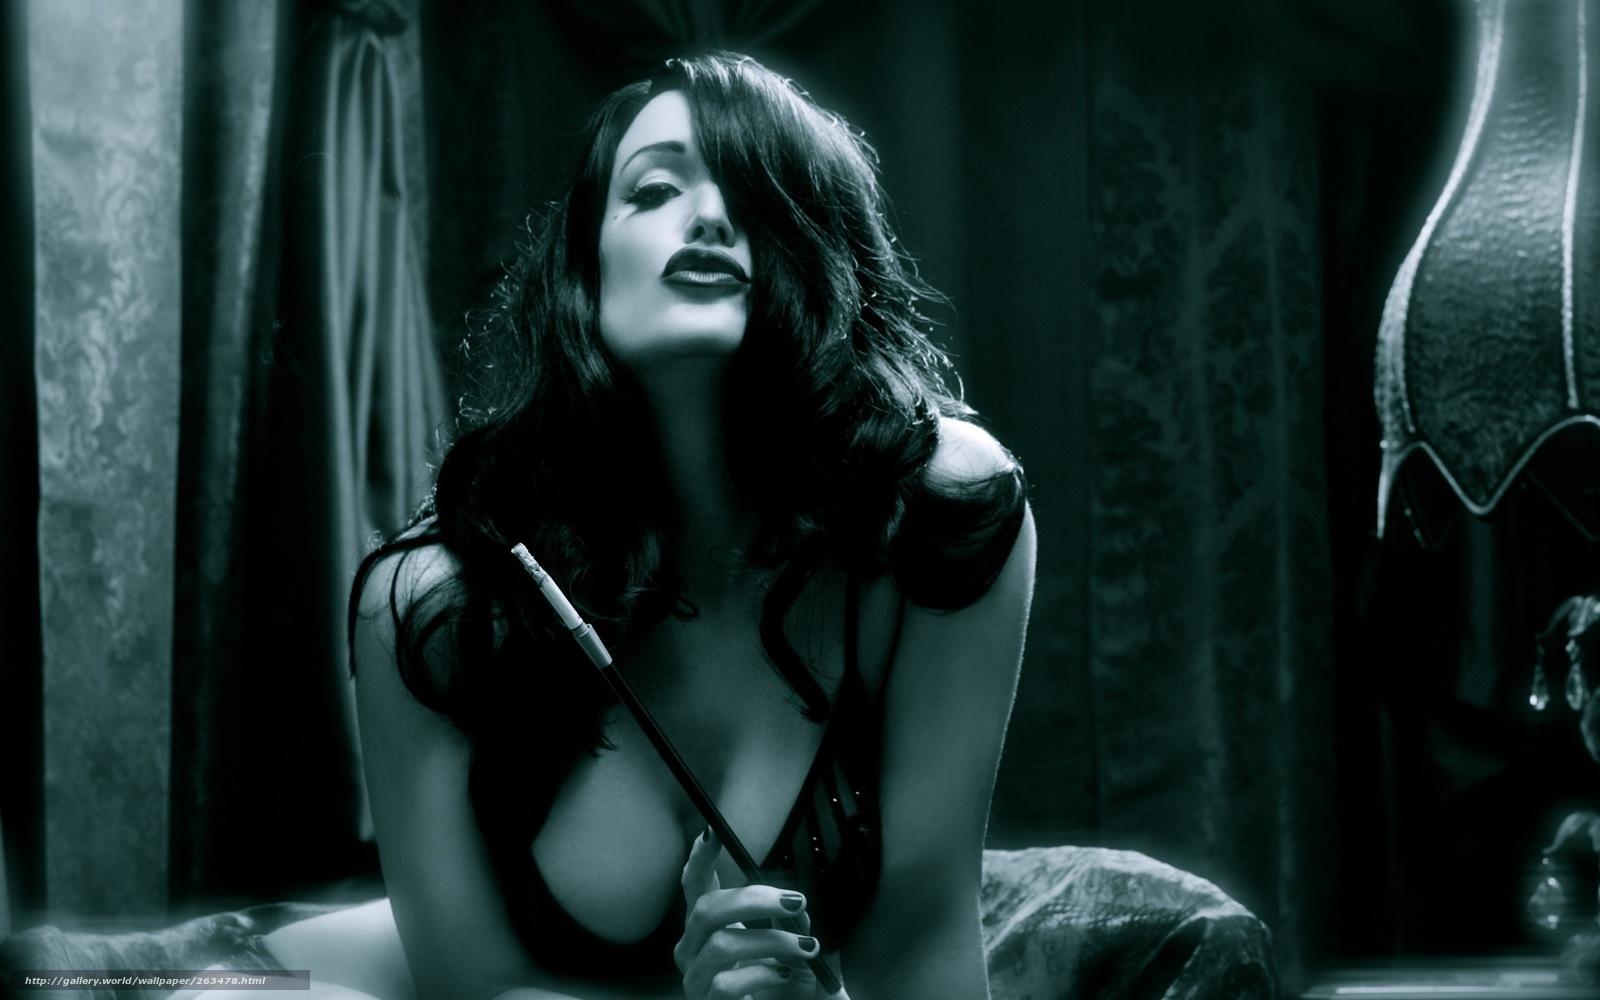 Фото сексуальные девушки с сигаретой 20 фотография